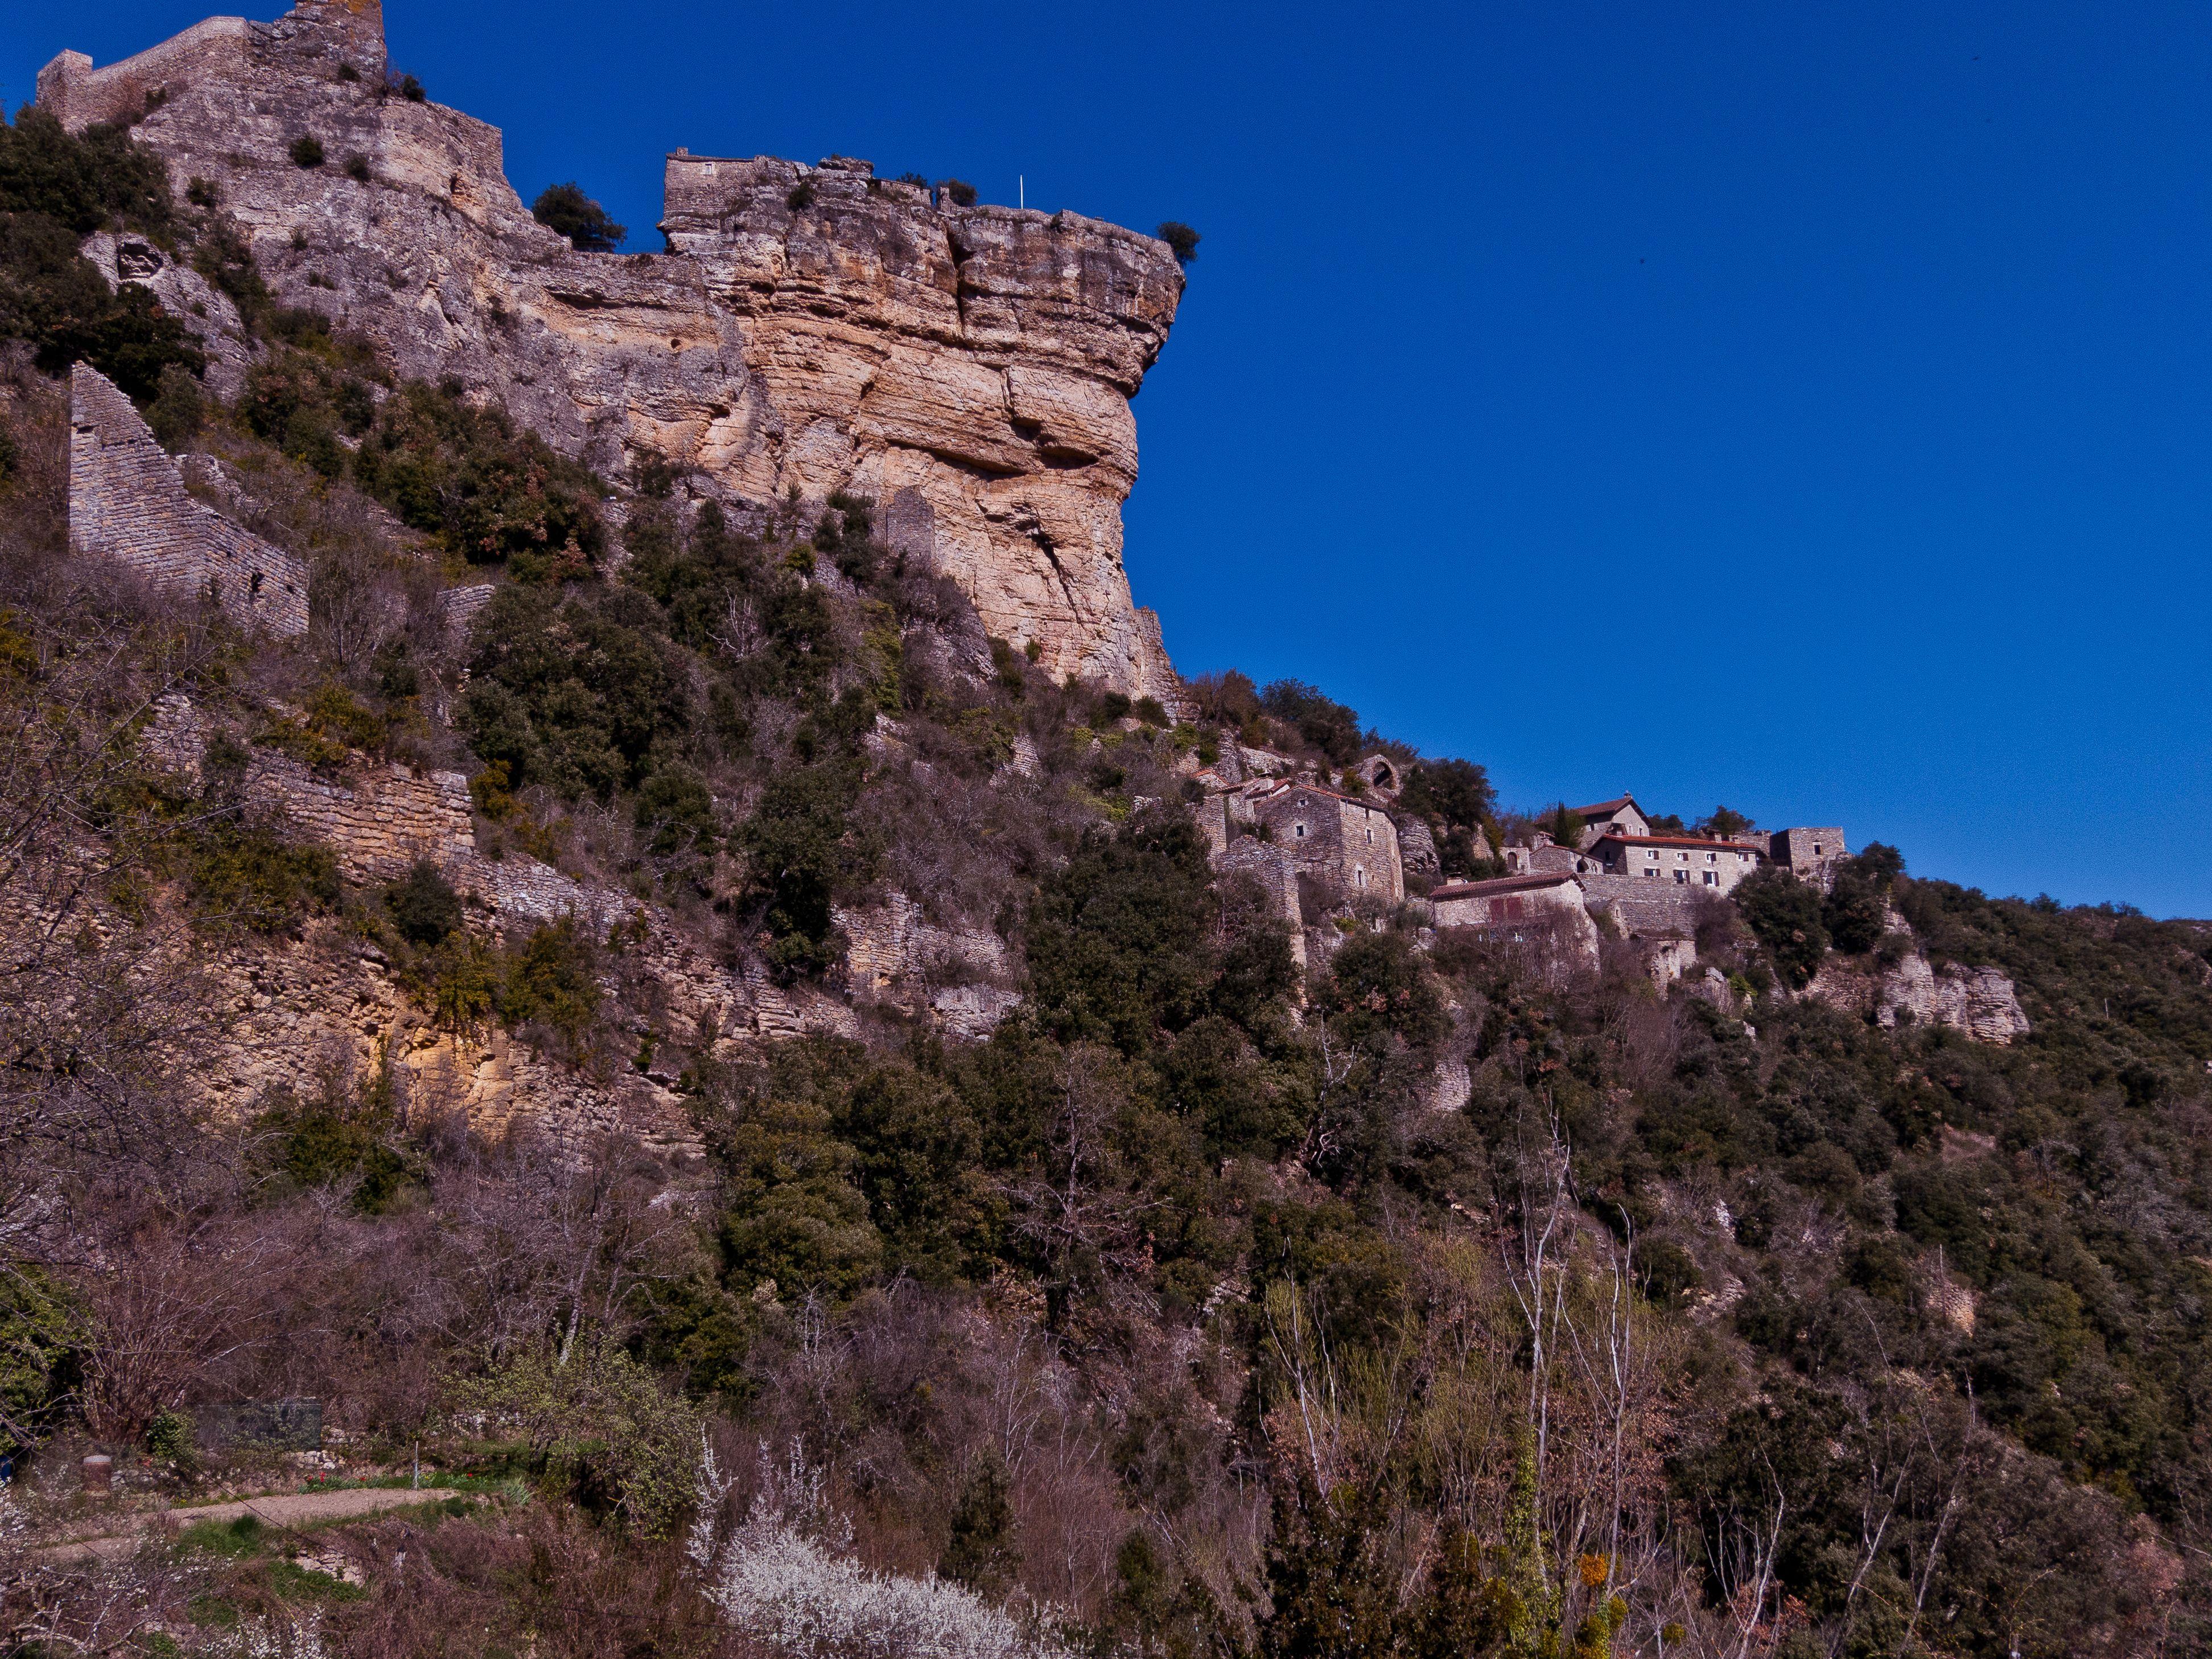 Le gîte Namasté sous son rocher de Peyrelade